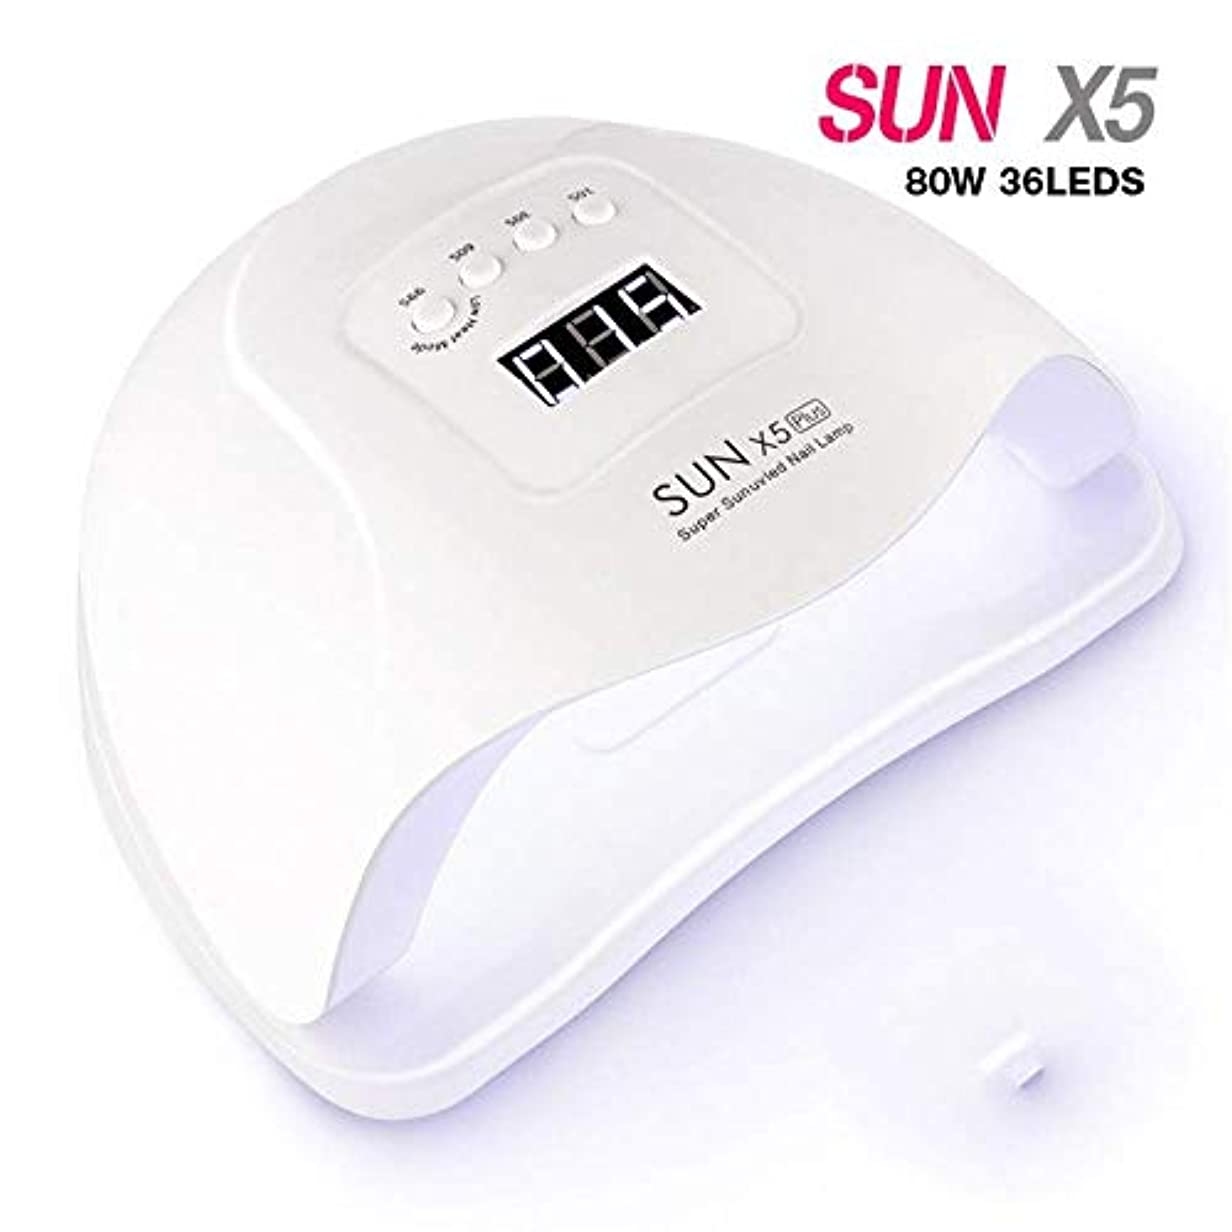 夜明けに競争静脈ネイルドライヤー54W / 80W Sun X5プラスネイルドライヤーLCDディスプレイ36 LEDドライヤーネイルランプUVジェルランプ硬化用ジェルポリッシュ自動検知ランプネイルドライヤー